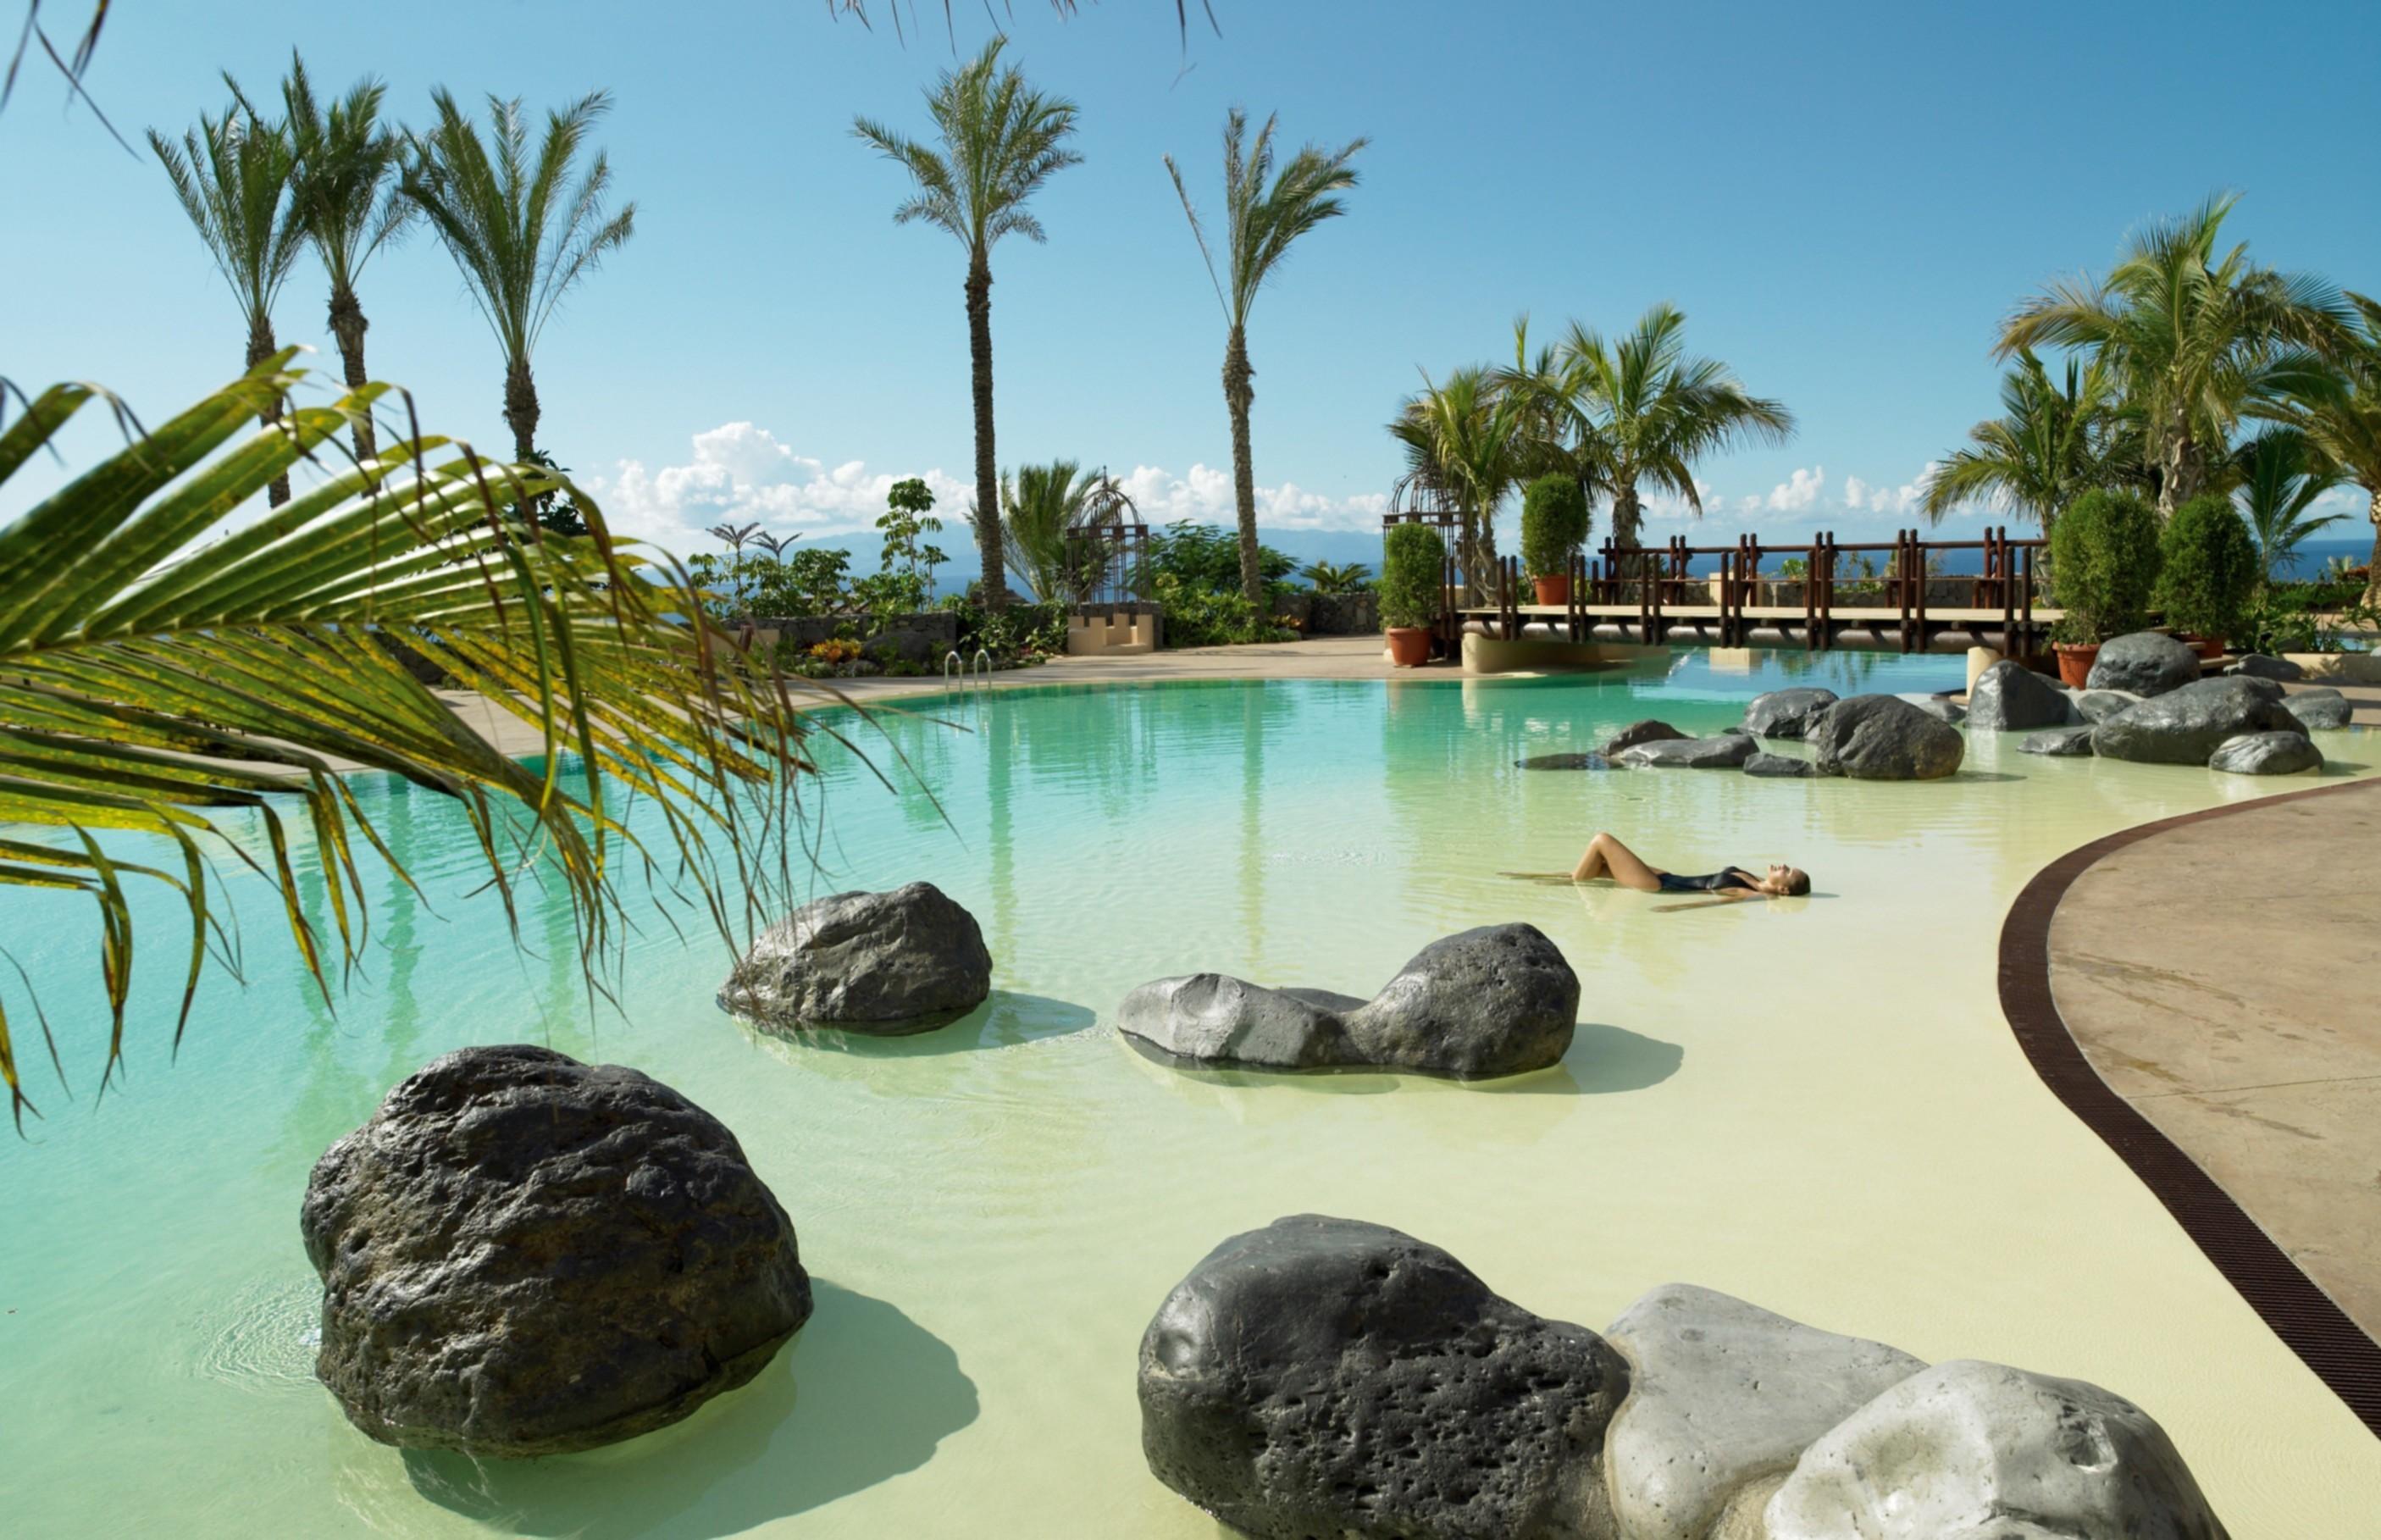 Las 10 mejores piscinas de hotel espa olas for Casa con piscina tenerife